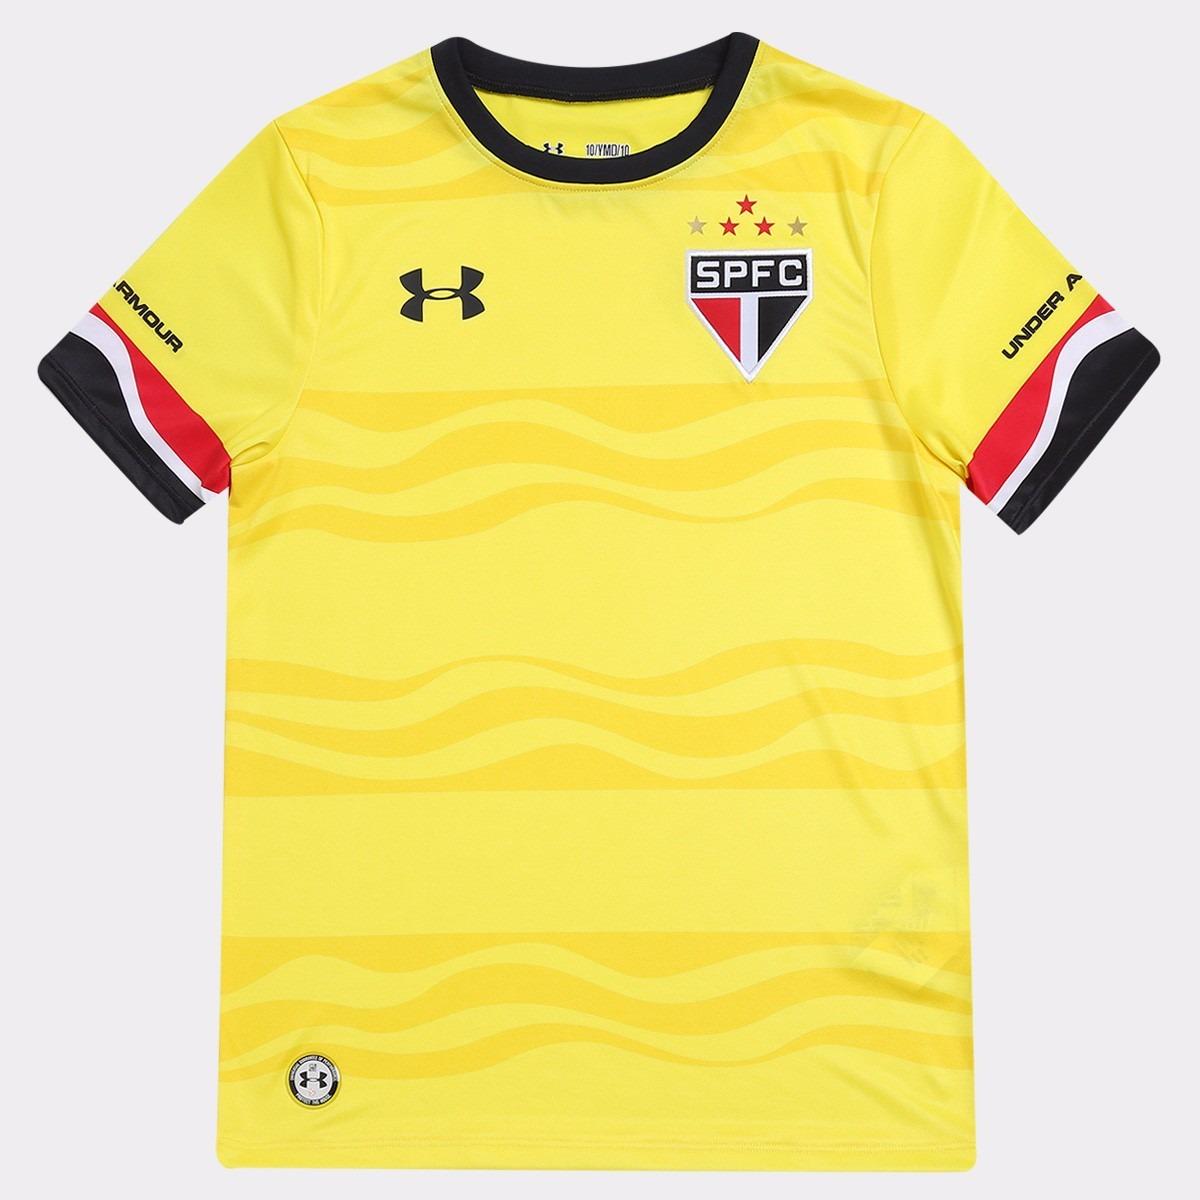 camisa po o são pau o team infanti under armour br 758aad92e9fa48 ... abf8aad3c5222